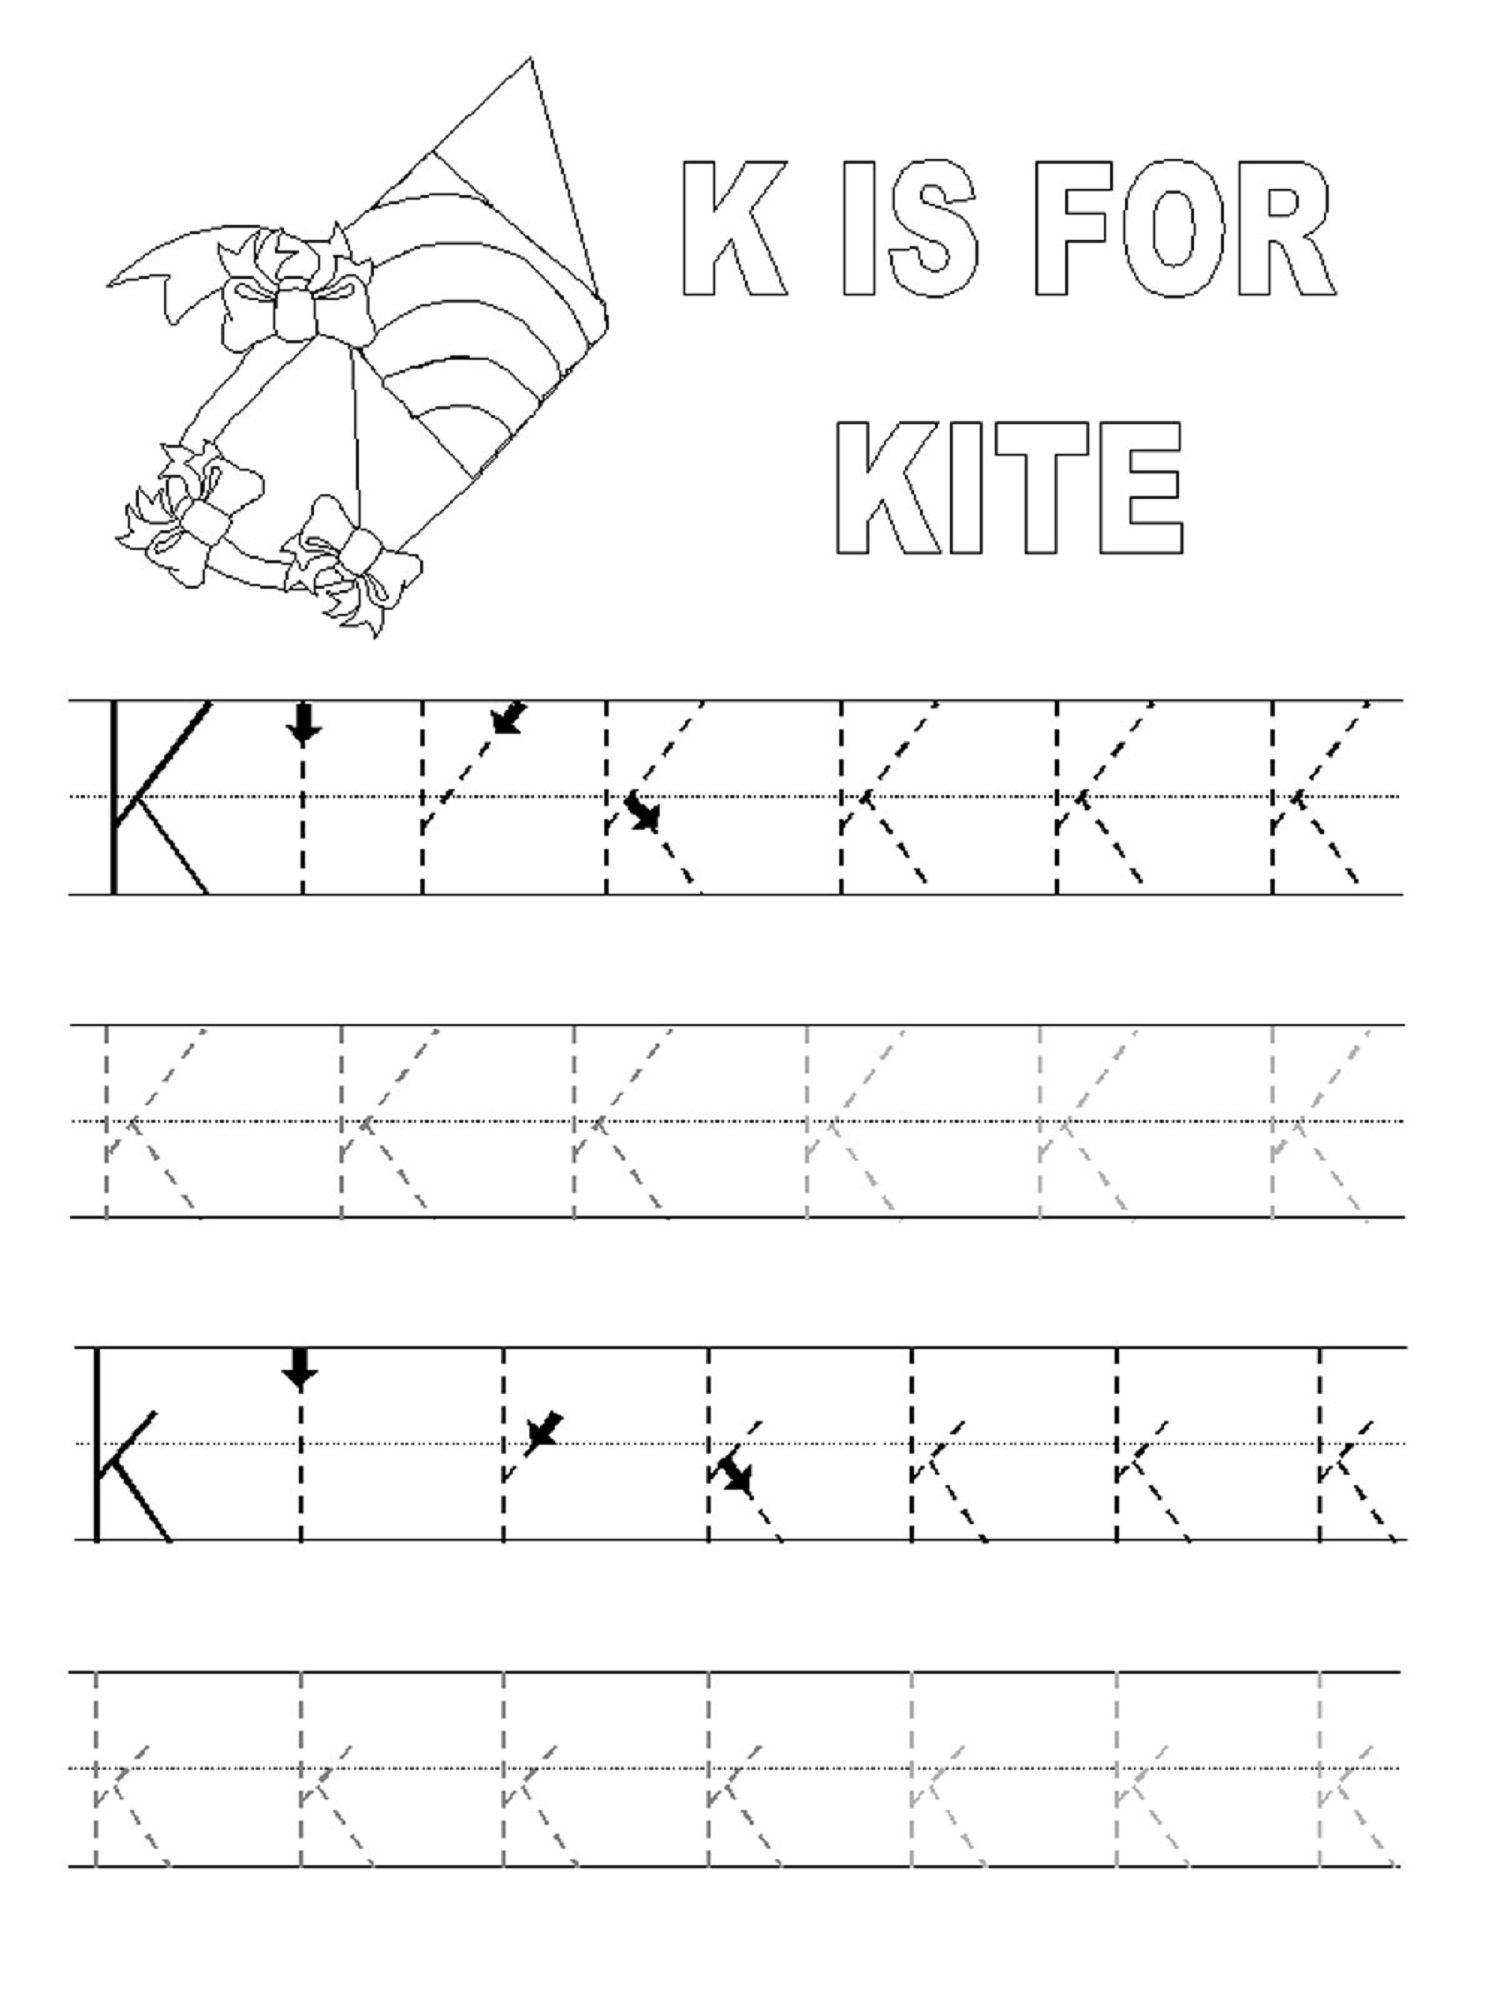 Traceable Alphabet For Learning Exercise | Dear Joya for Letter K Worksheets Twisty Noodle